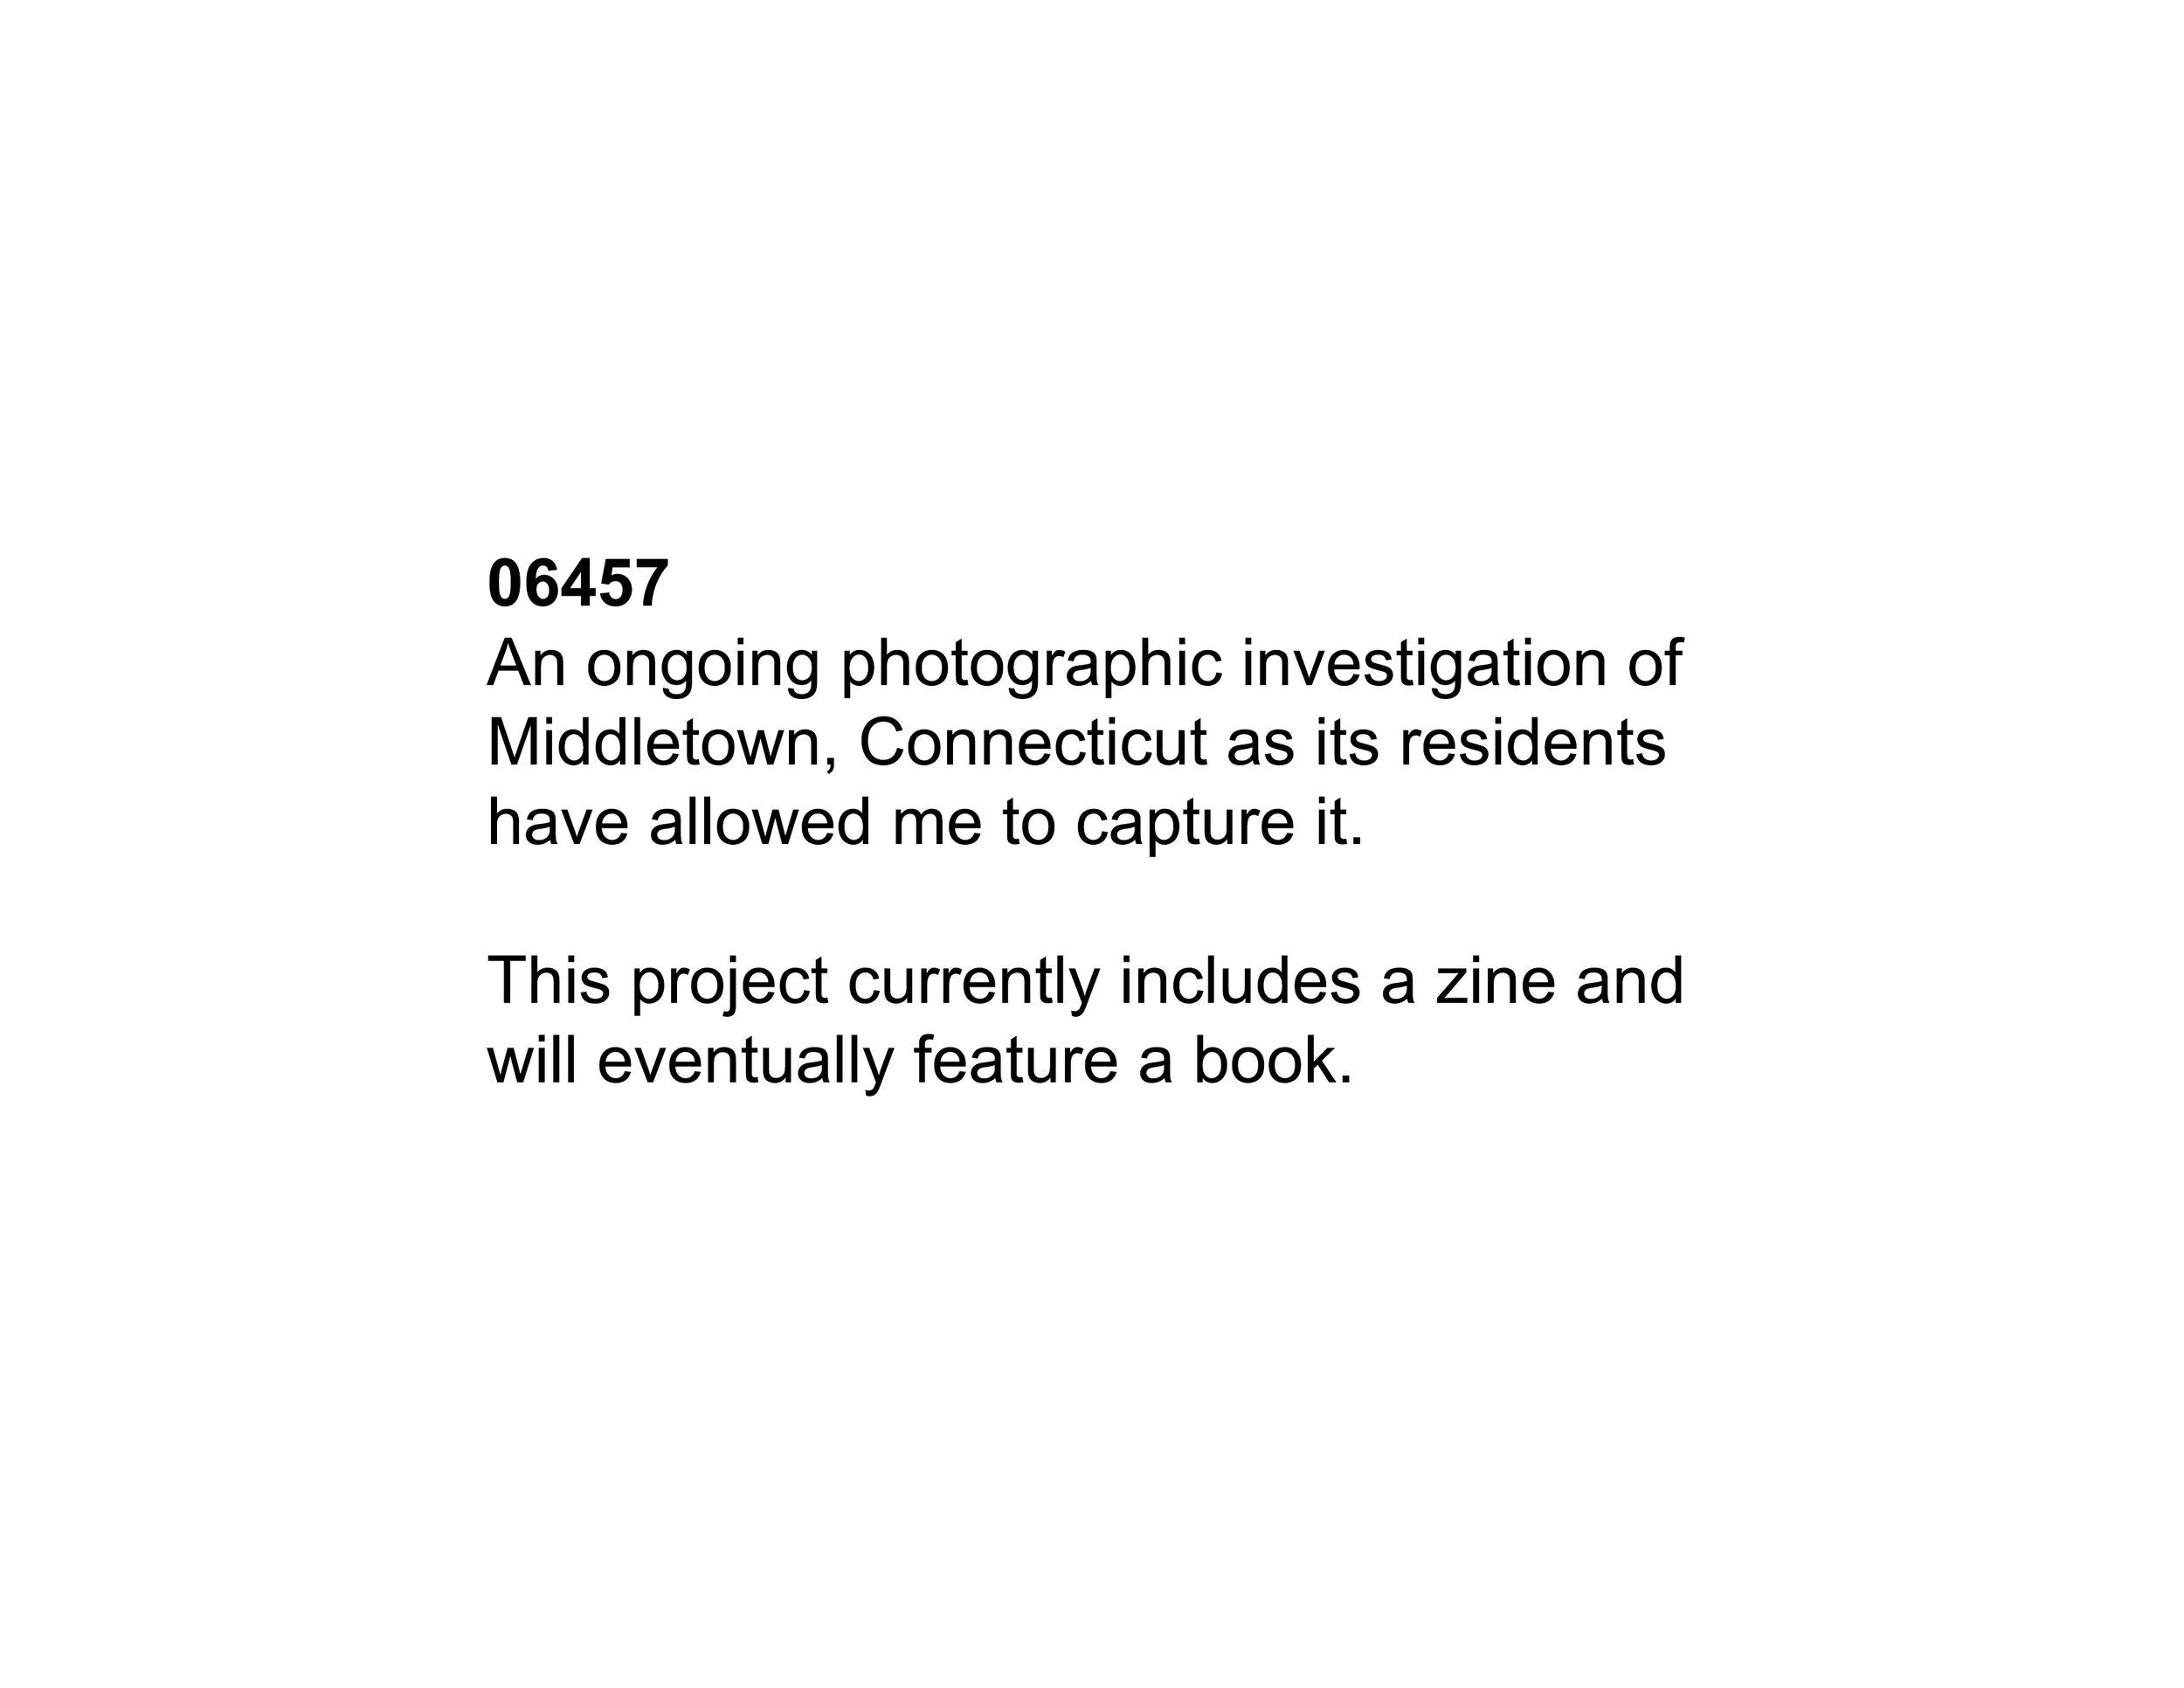 06457.jpg